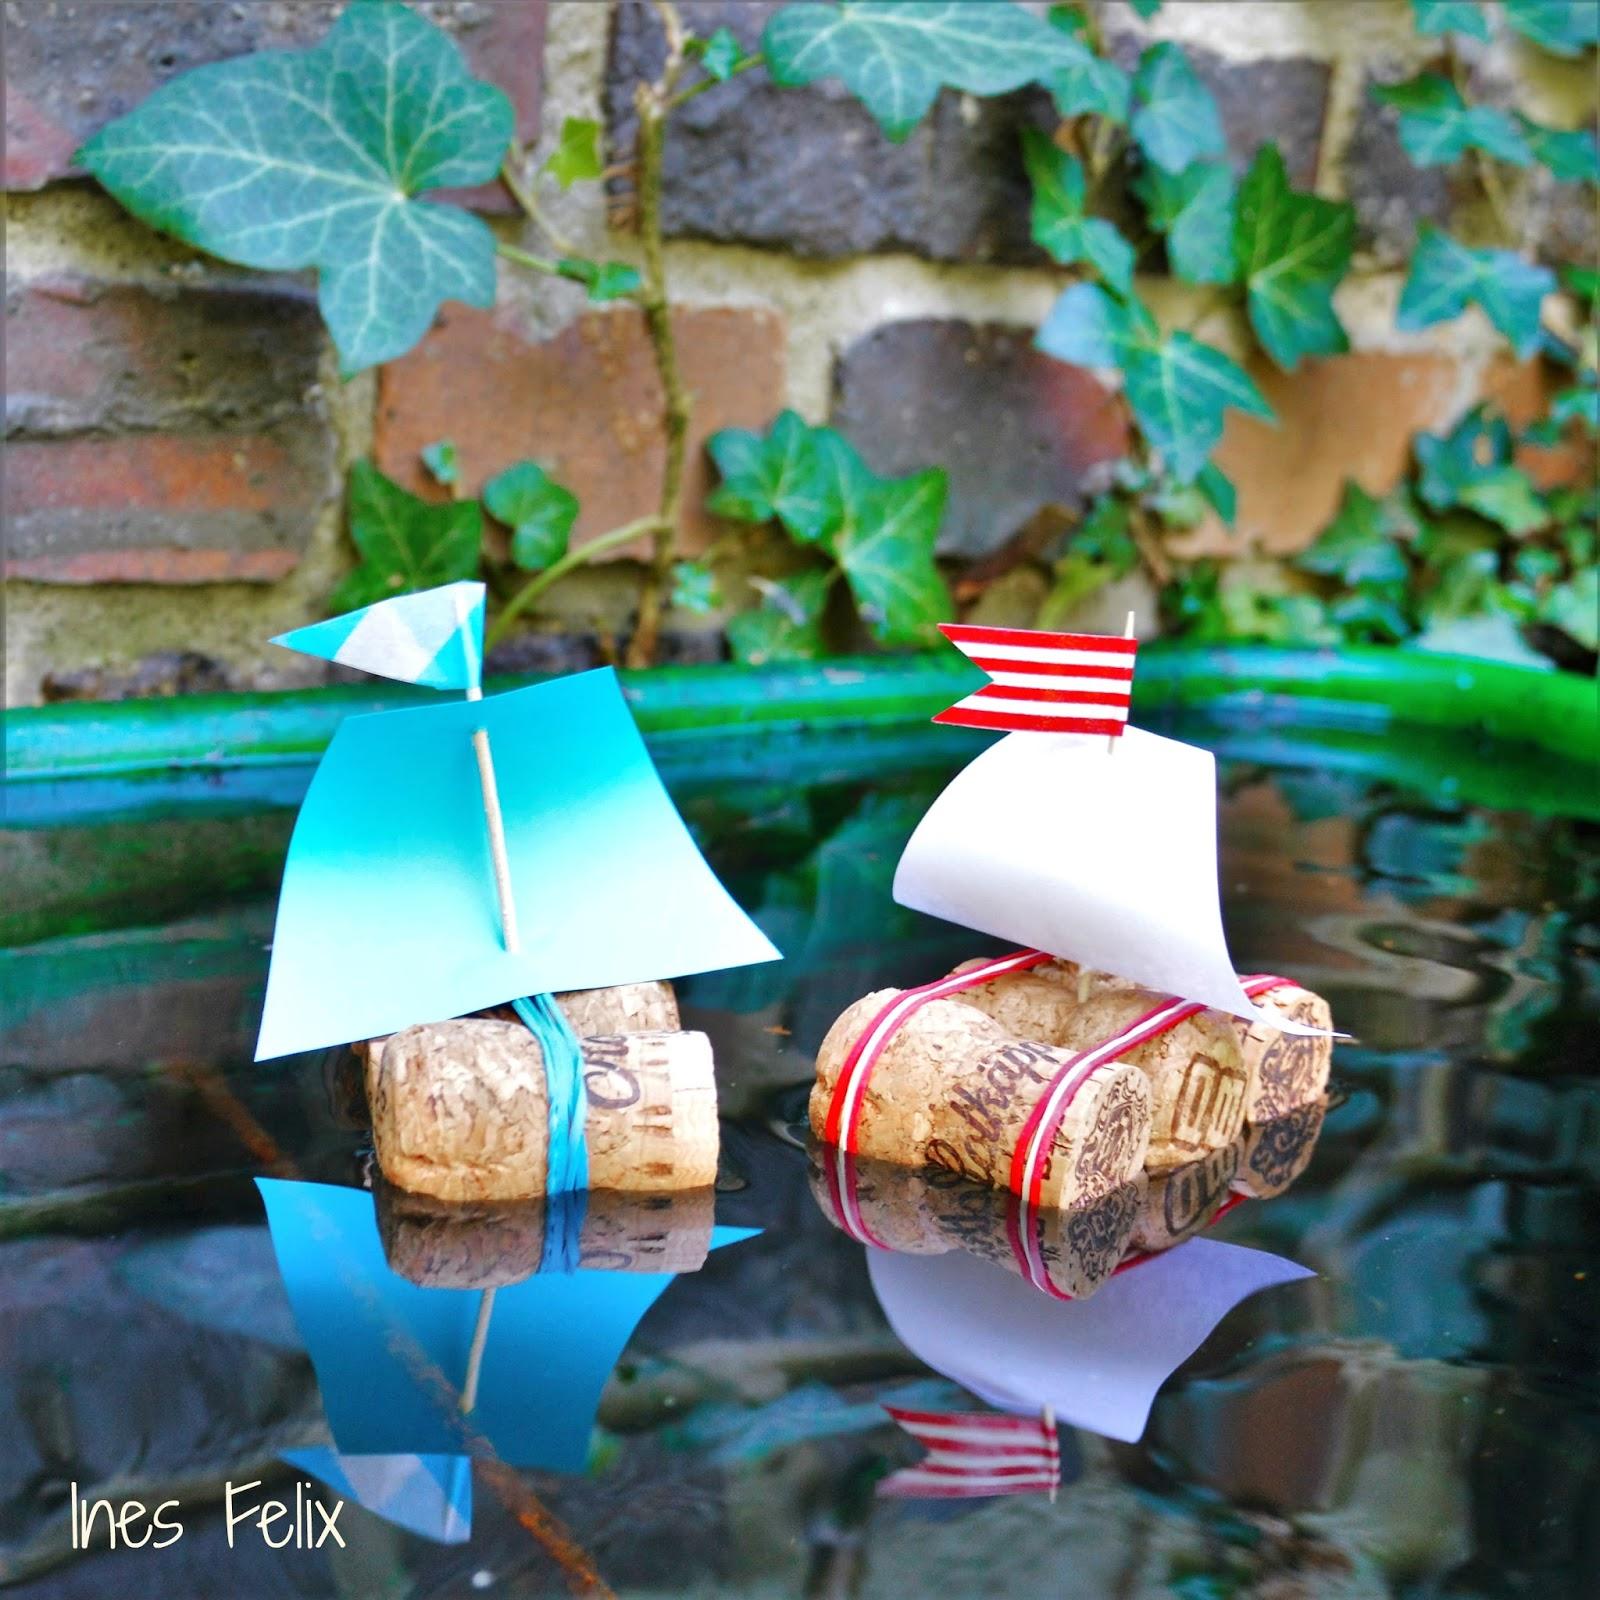 ines felix kreatives zum nachmachen ein schiff wird kommen korkschiff ahoi. Black Bedroom Furniture Sets. Home Design Ideas